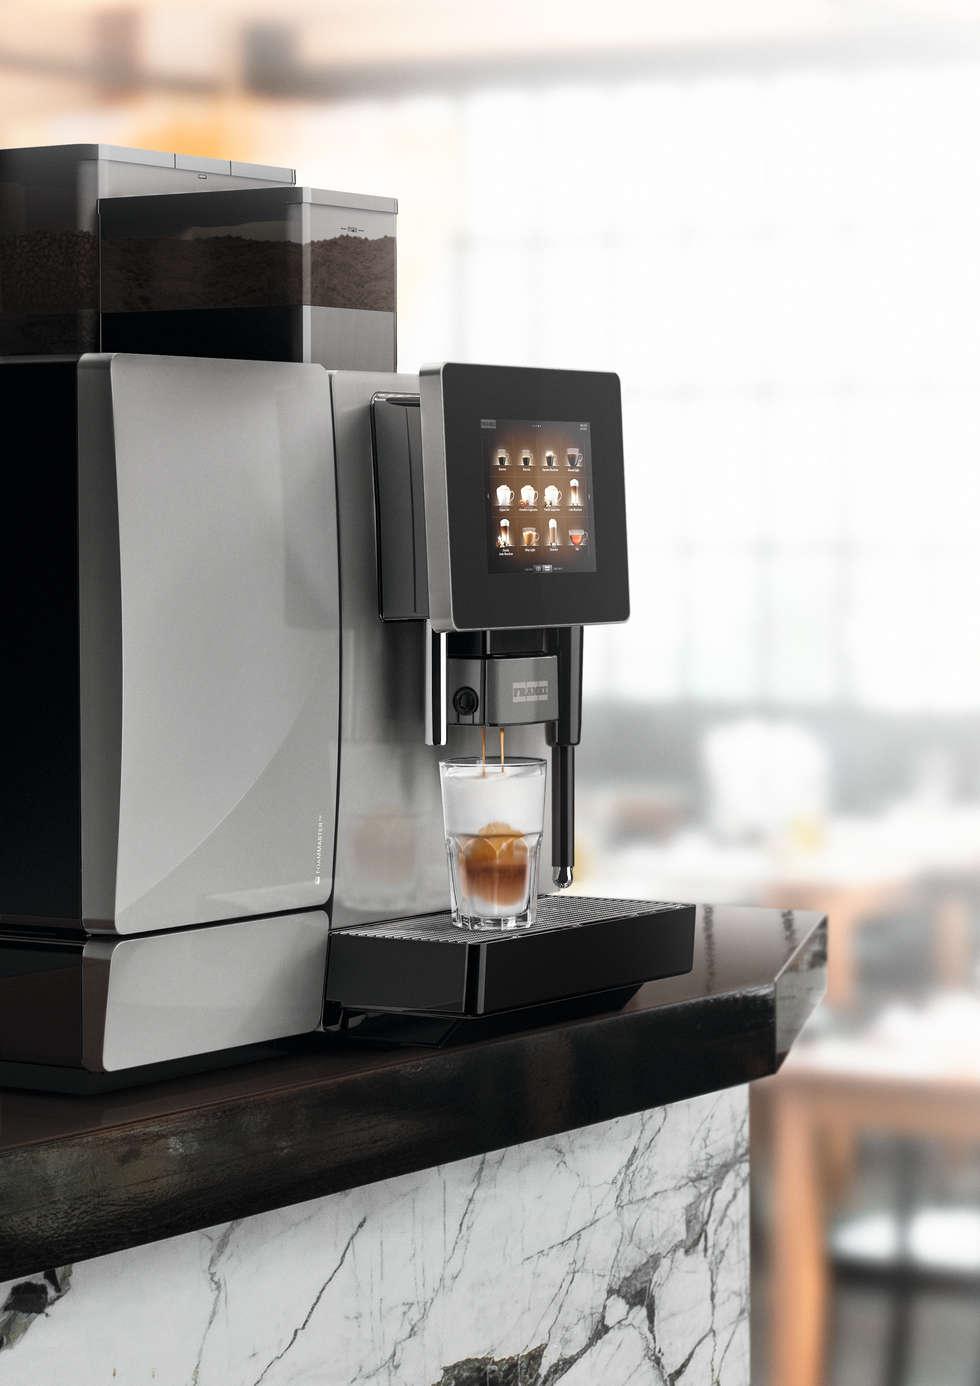 Franke Coffee Systems GmbHが手掛けたキッチン